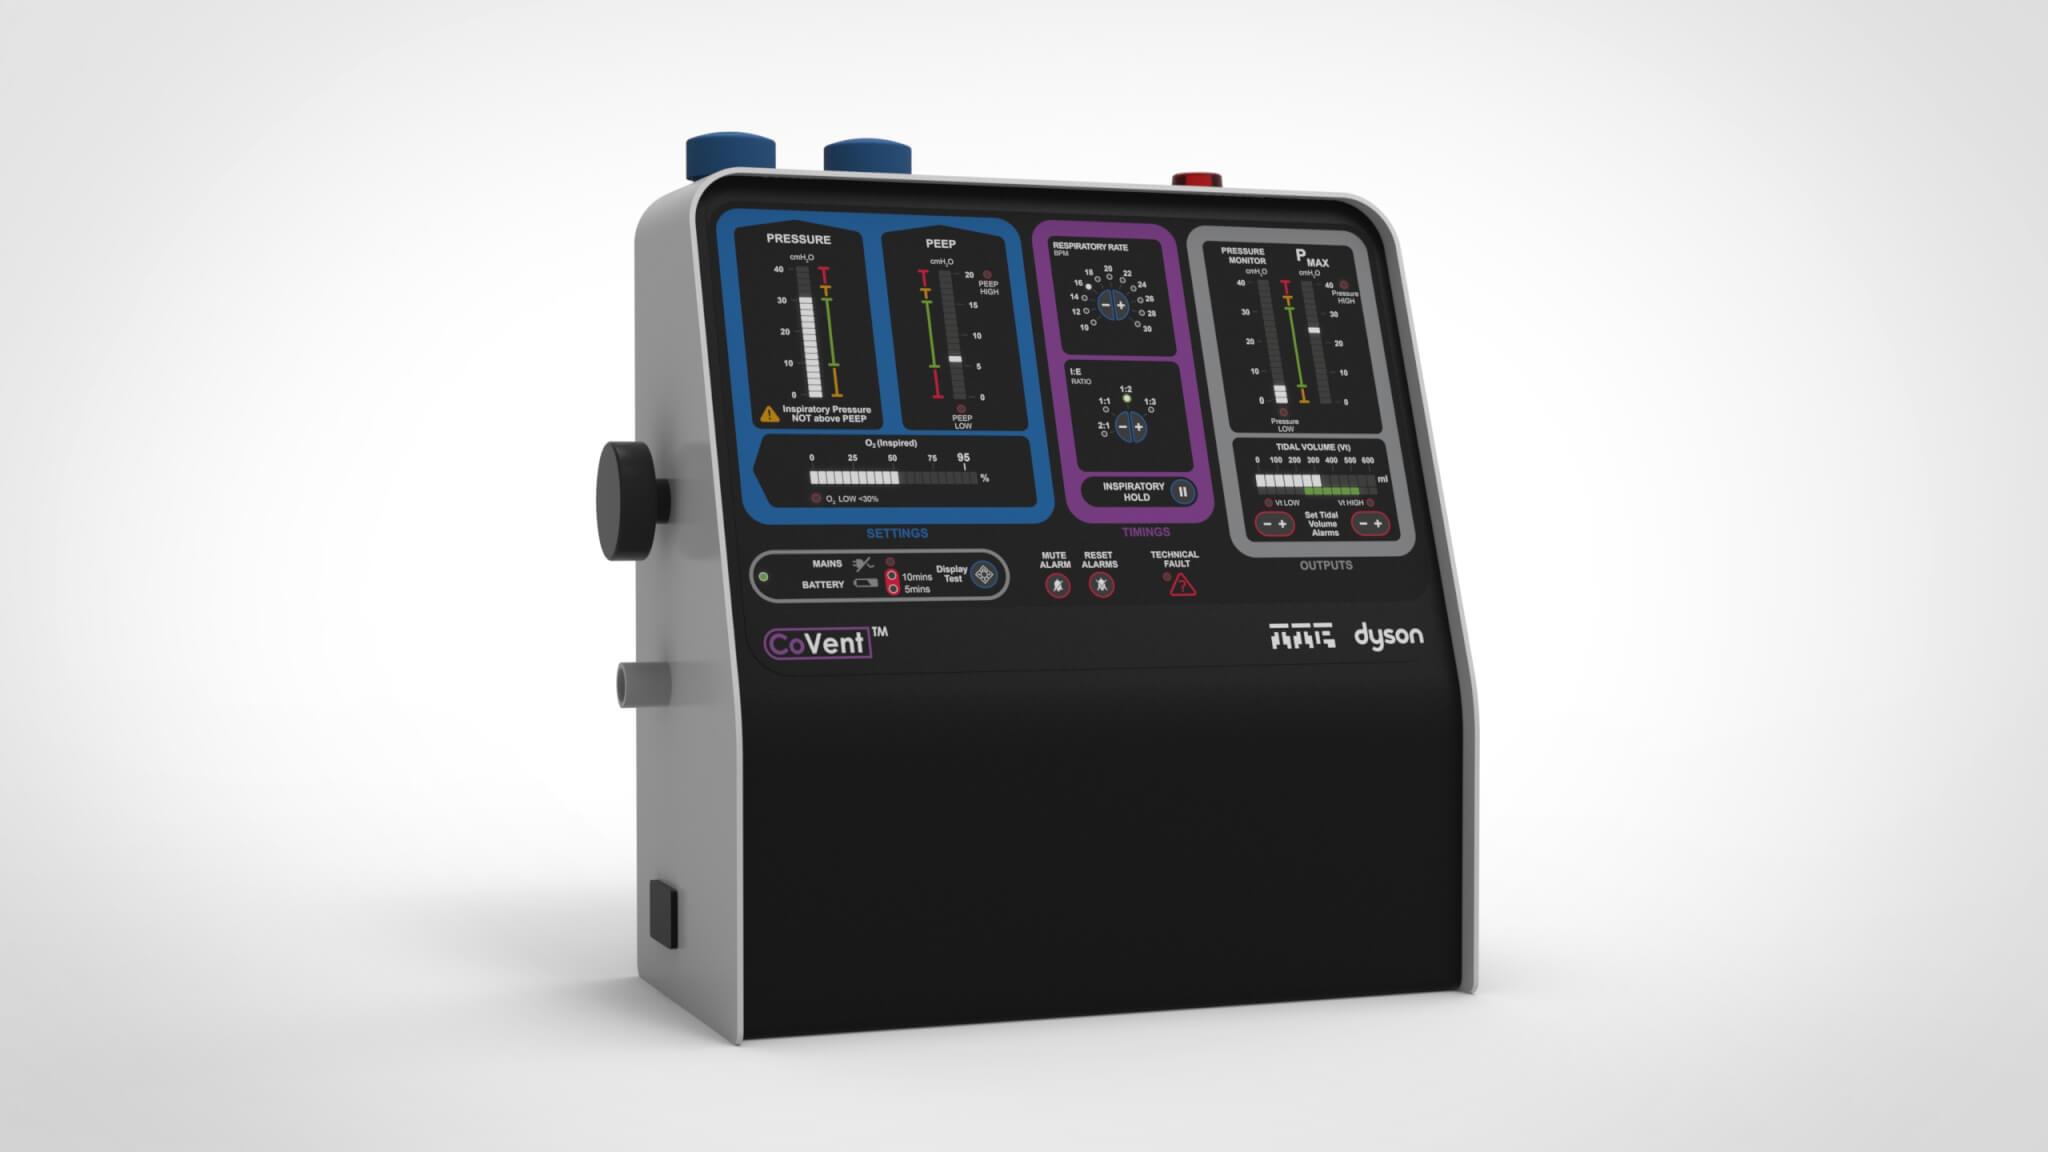 呼吸機改良了Dyson原有的數碼摩打,配合空氣過濾和淨化技術,為病人提供高質空氣。